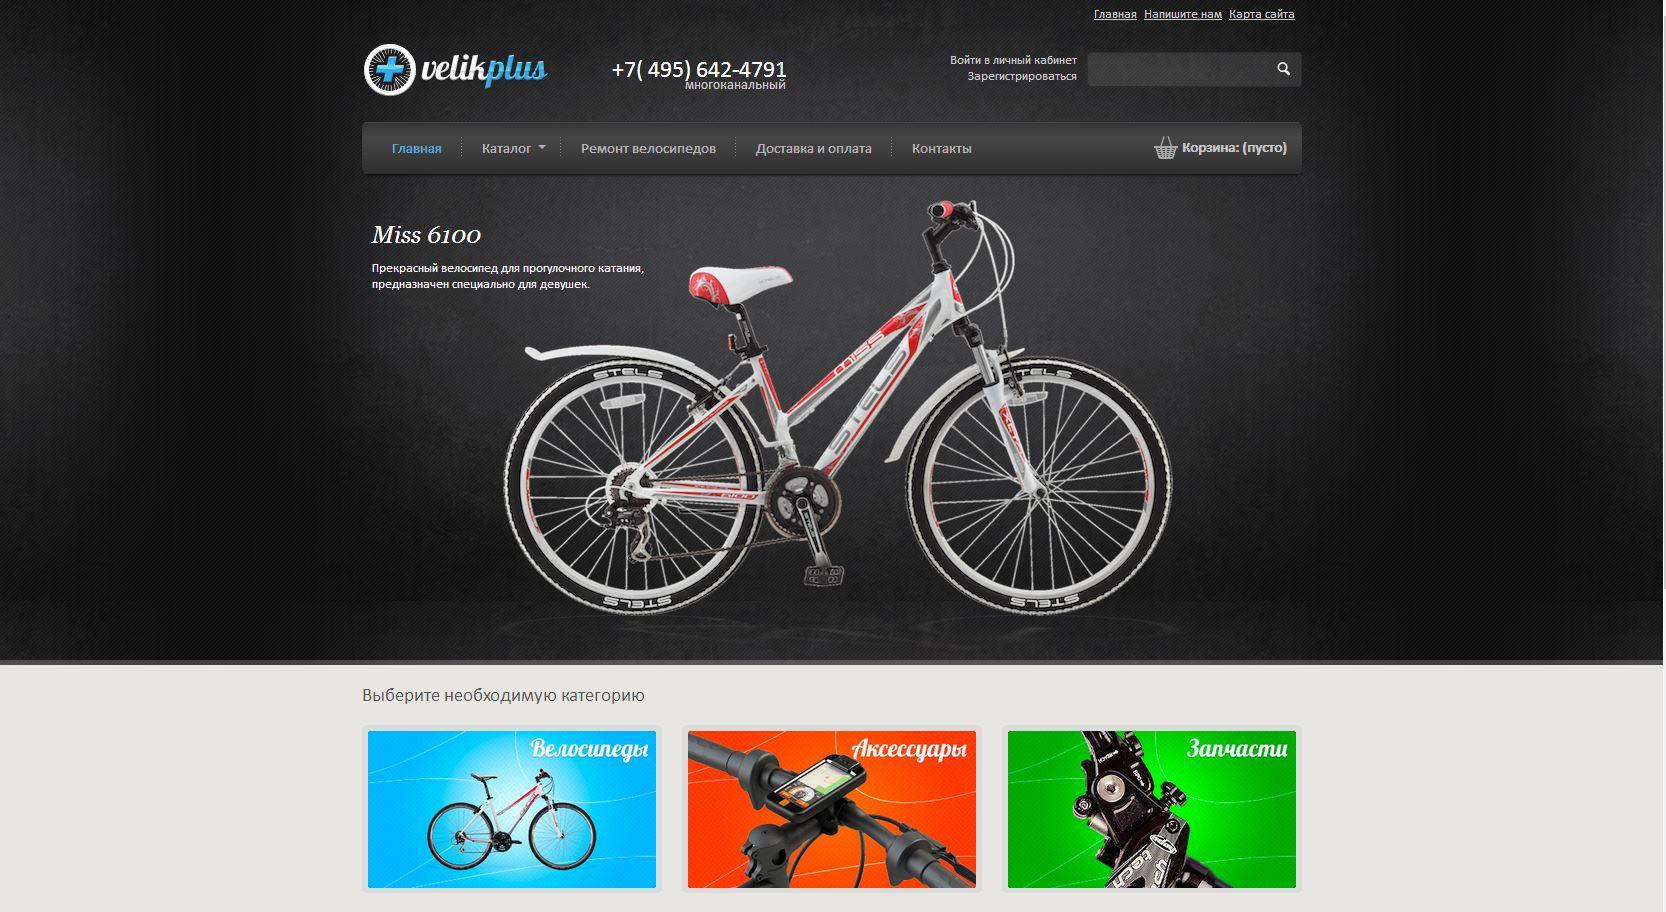 Велотовары (ИМ на Prestashop)